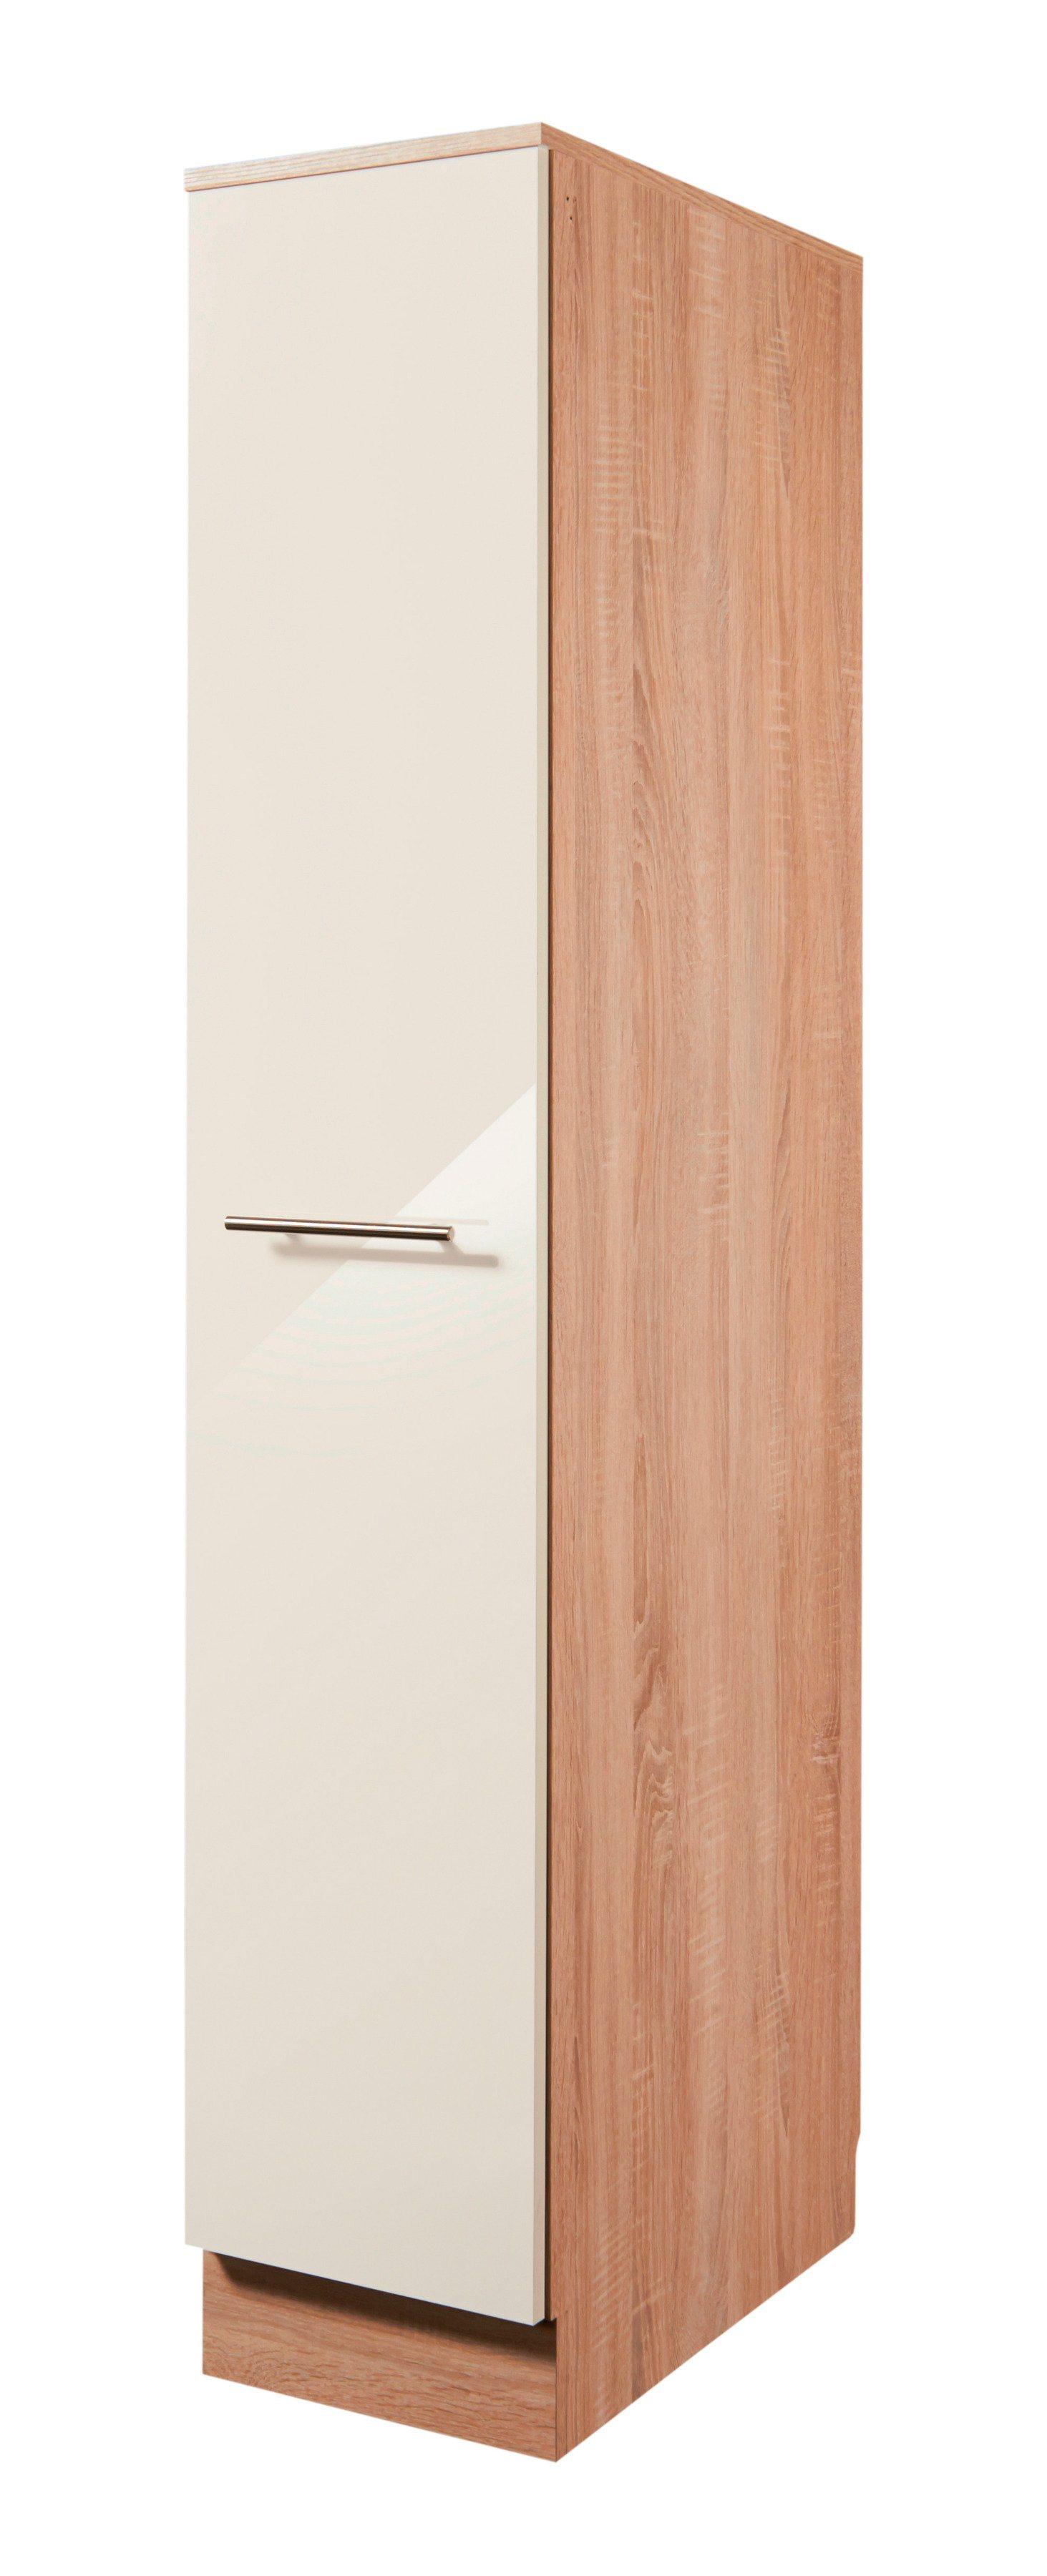 Wiho Küchen Apothekerschrank »Montana Glanz«, Höhe 165 cm | Küche und Esszimmer > Küchenschränke > Apothekerschränke | Creme | Eiche - Holzwerkstoff | wiho Küchen